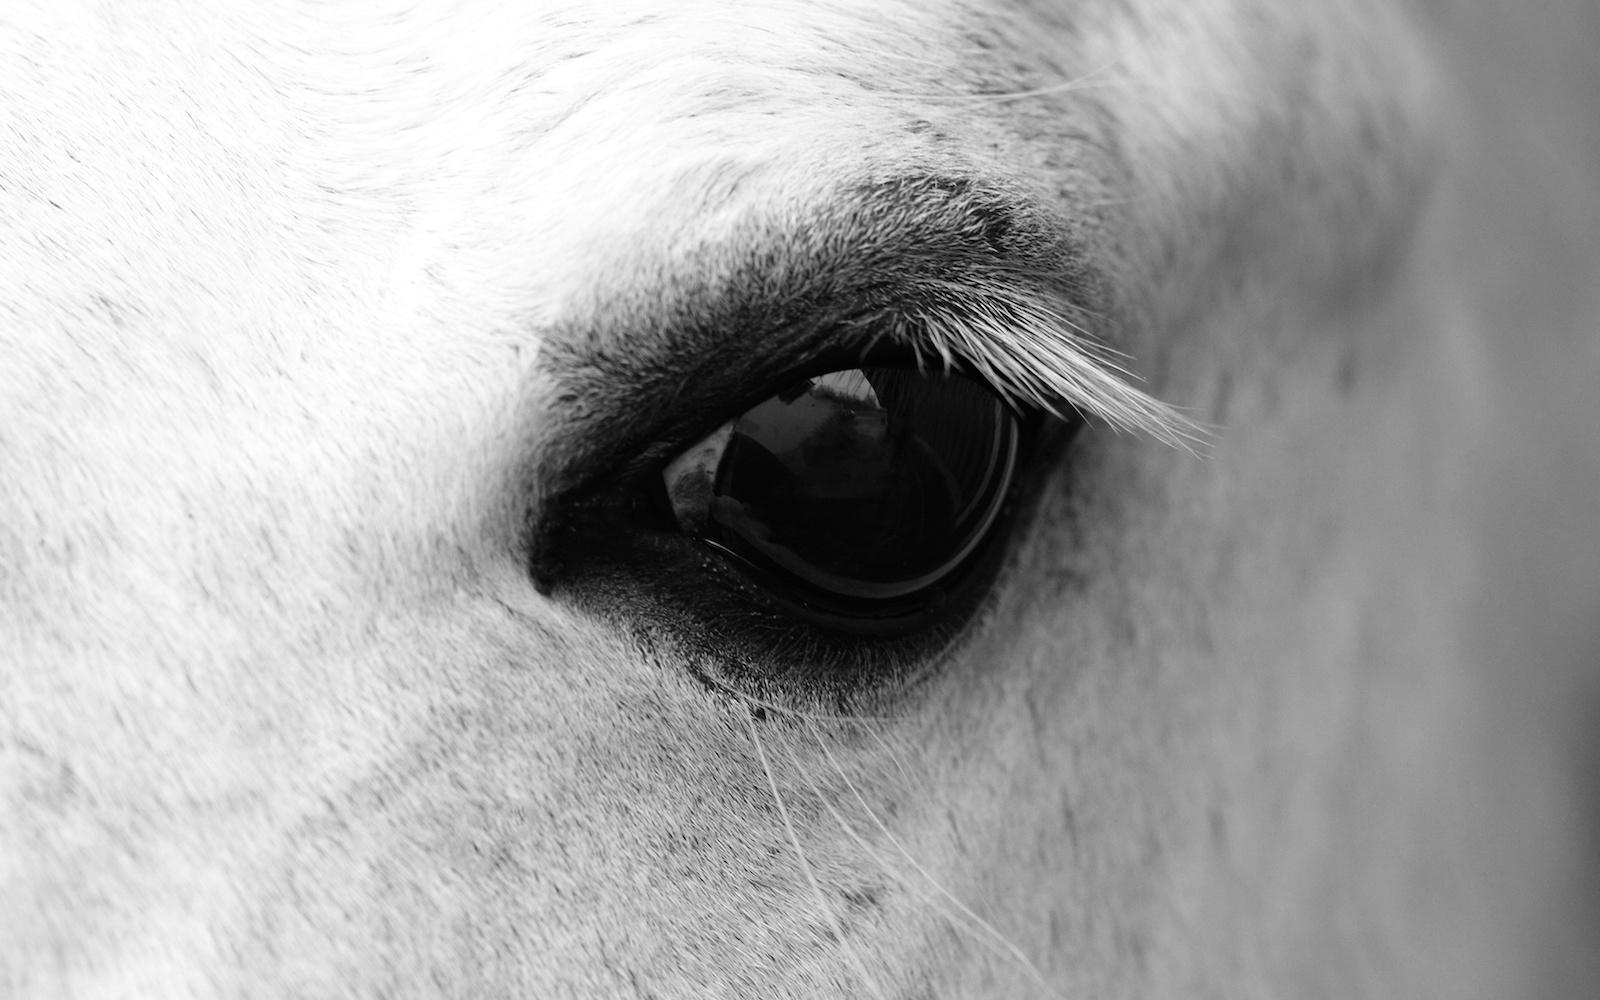 L'amicizia tra uomo e cavallo